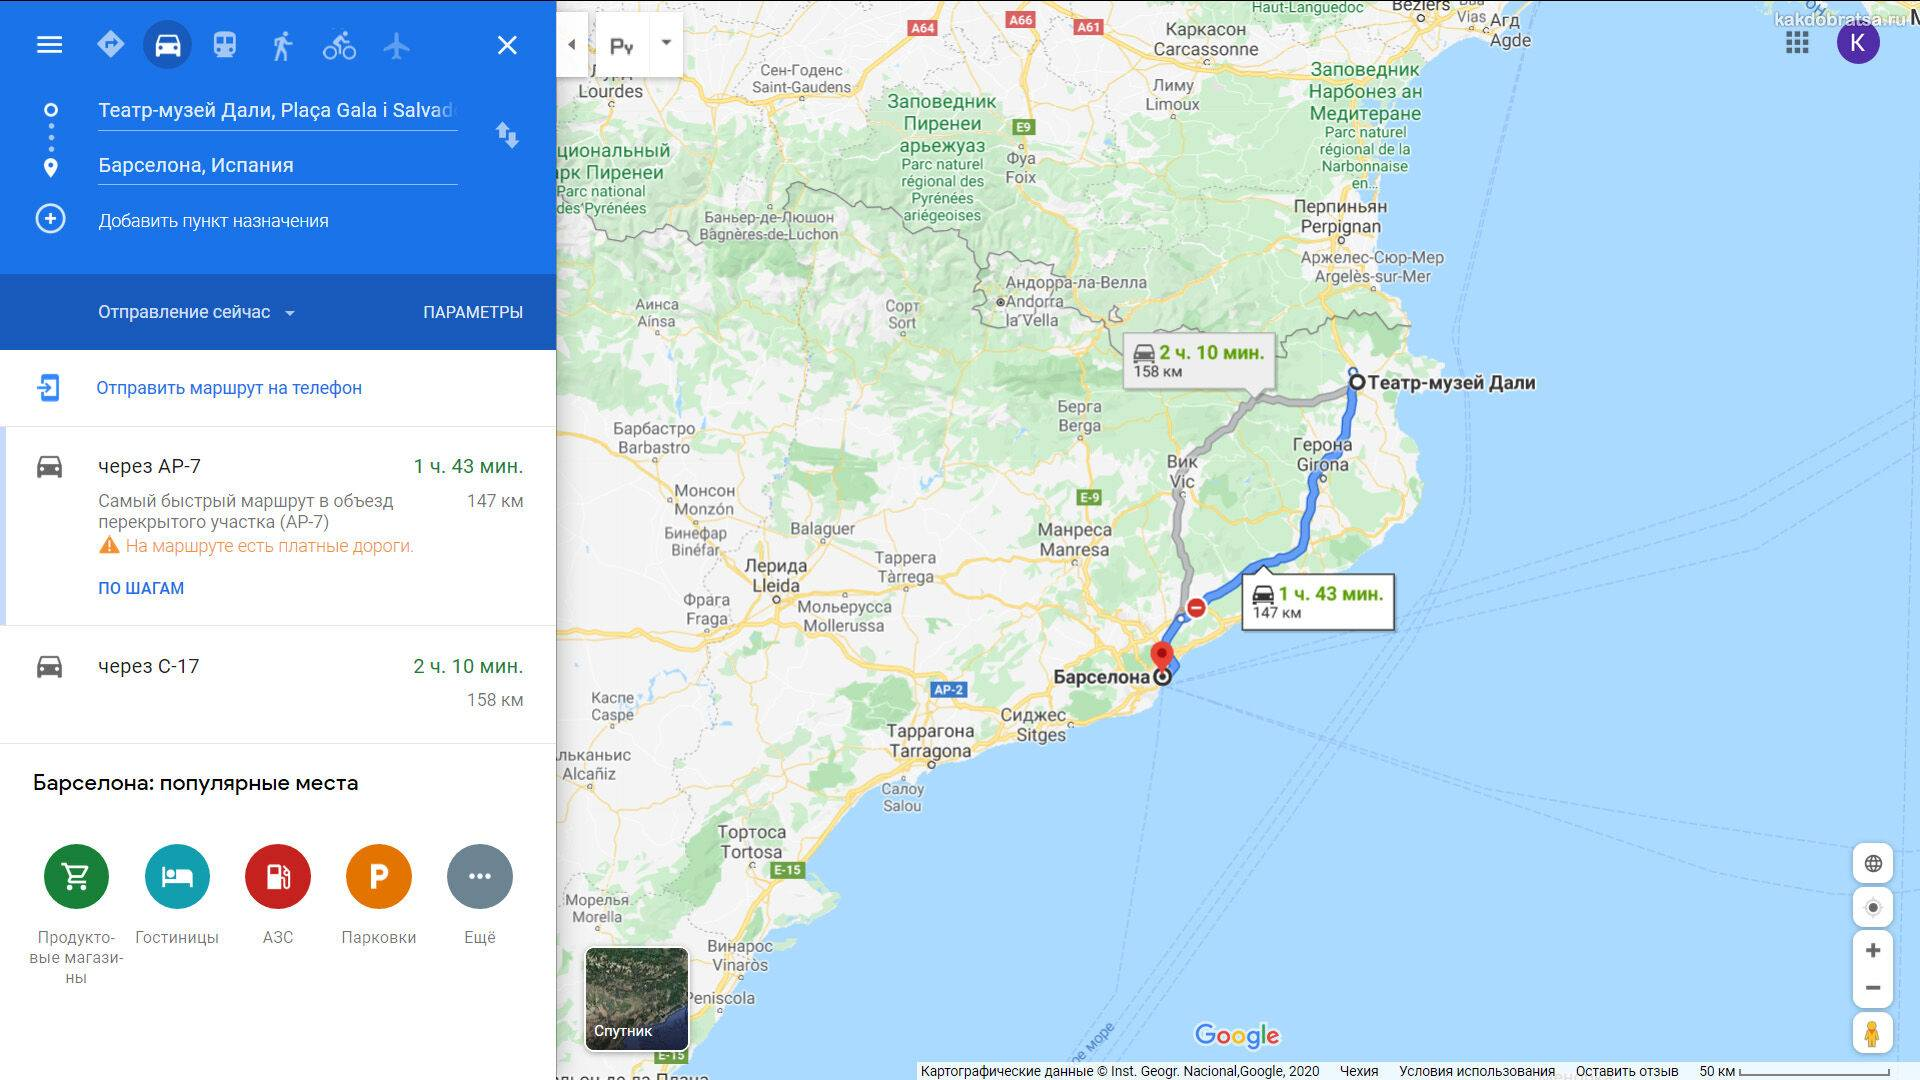 Как добраться на автобусе из барселоны в жирону в 2021 году. билеты онлайн. маршруты и расписание 602, 603, alsa